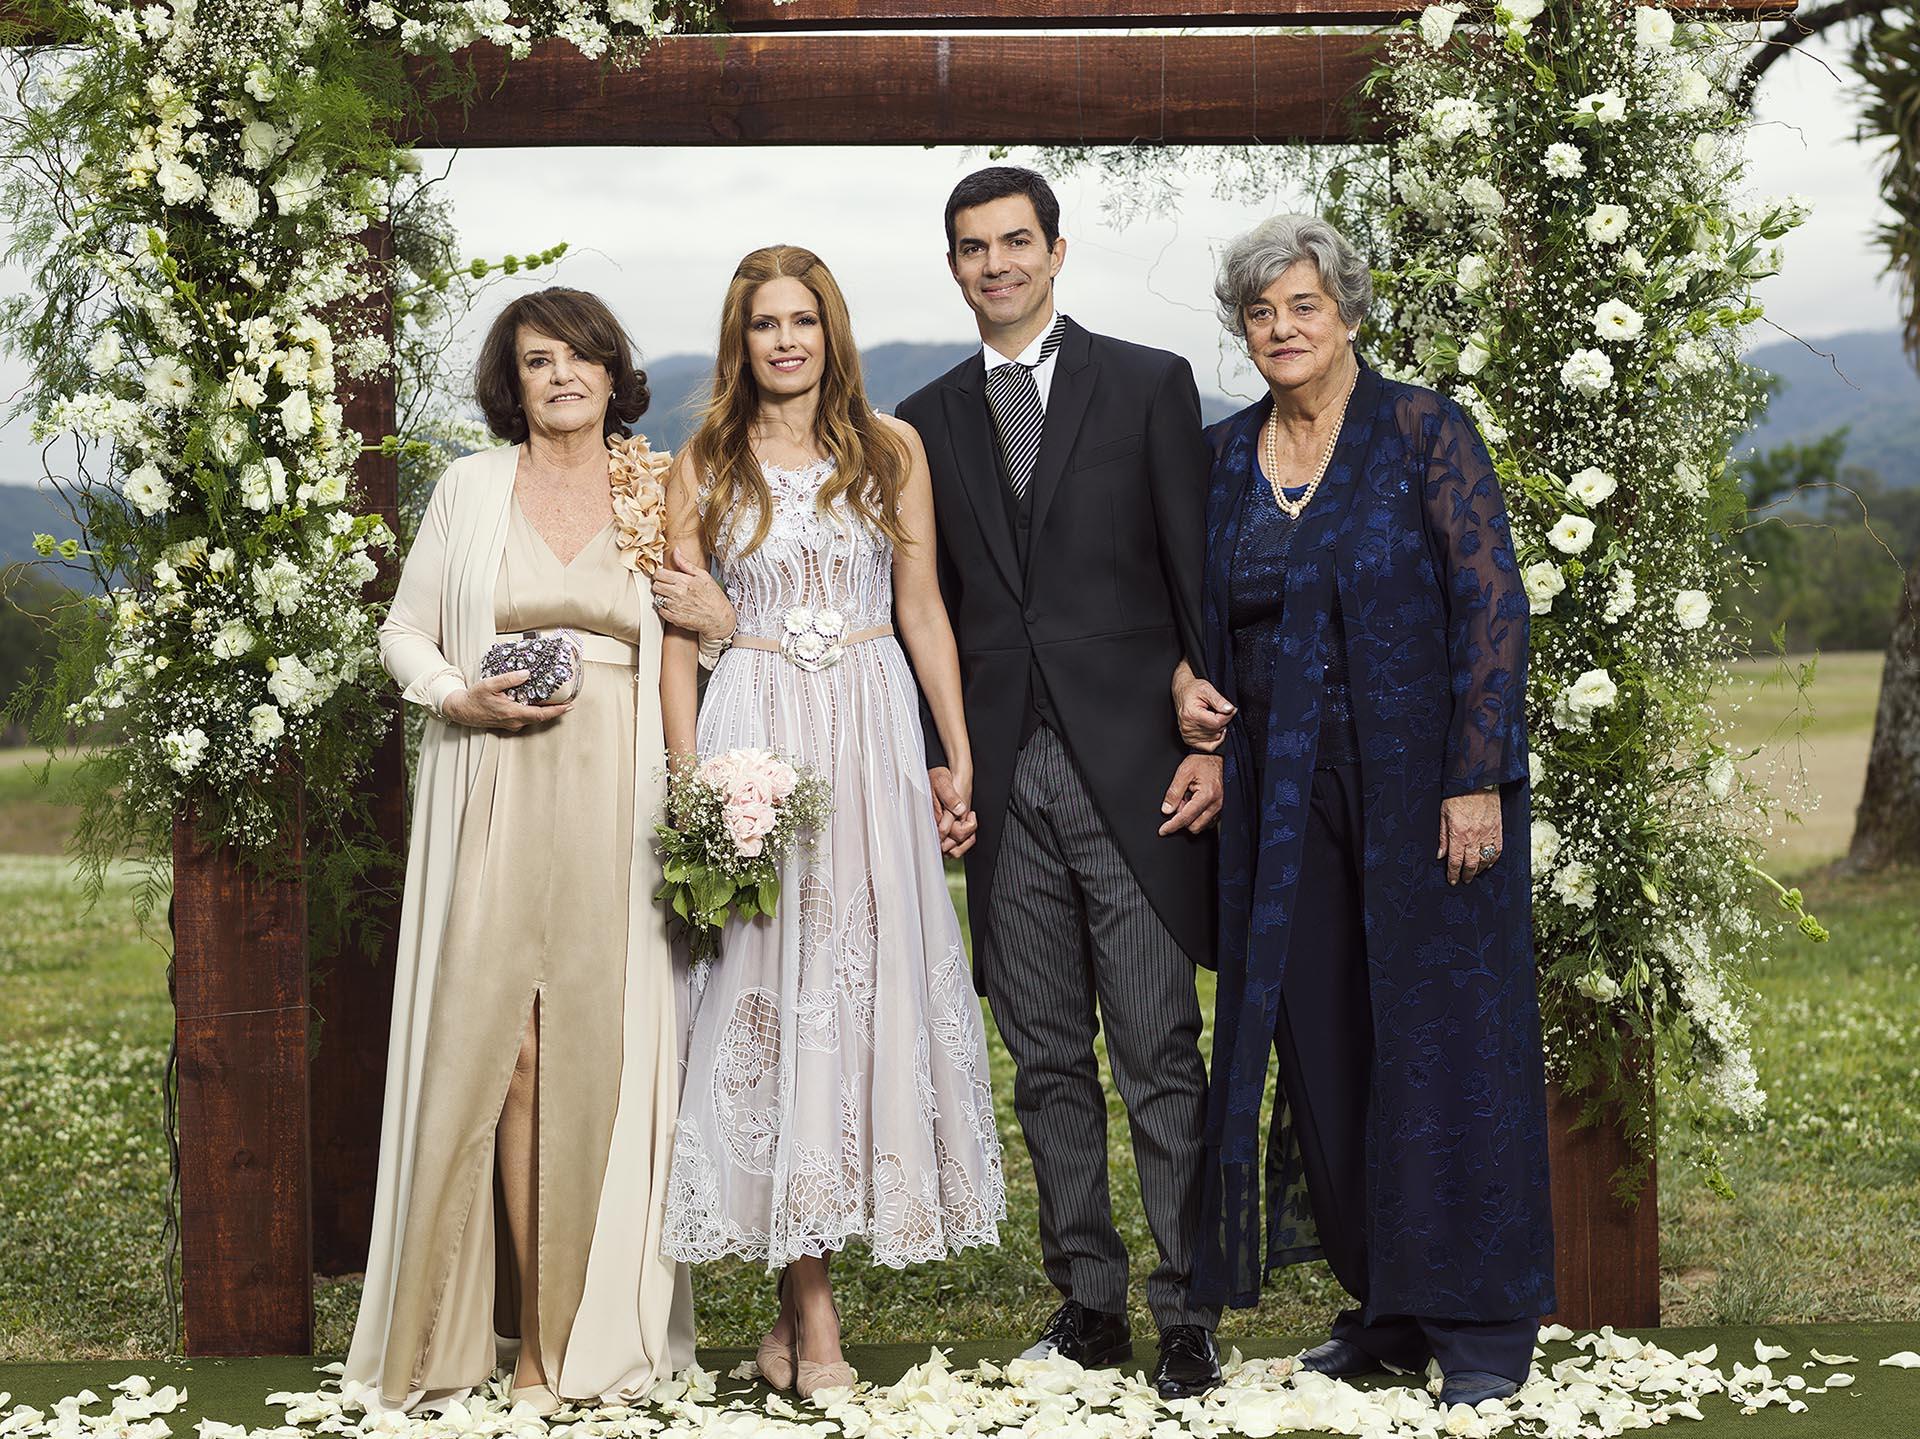 Los novios junto a sus madres, retratados por el fotógrafo Gaby Rocca.